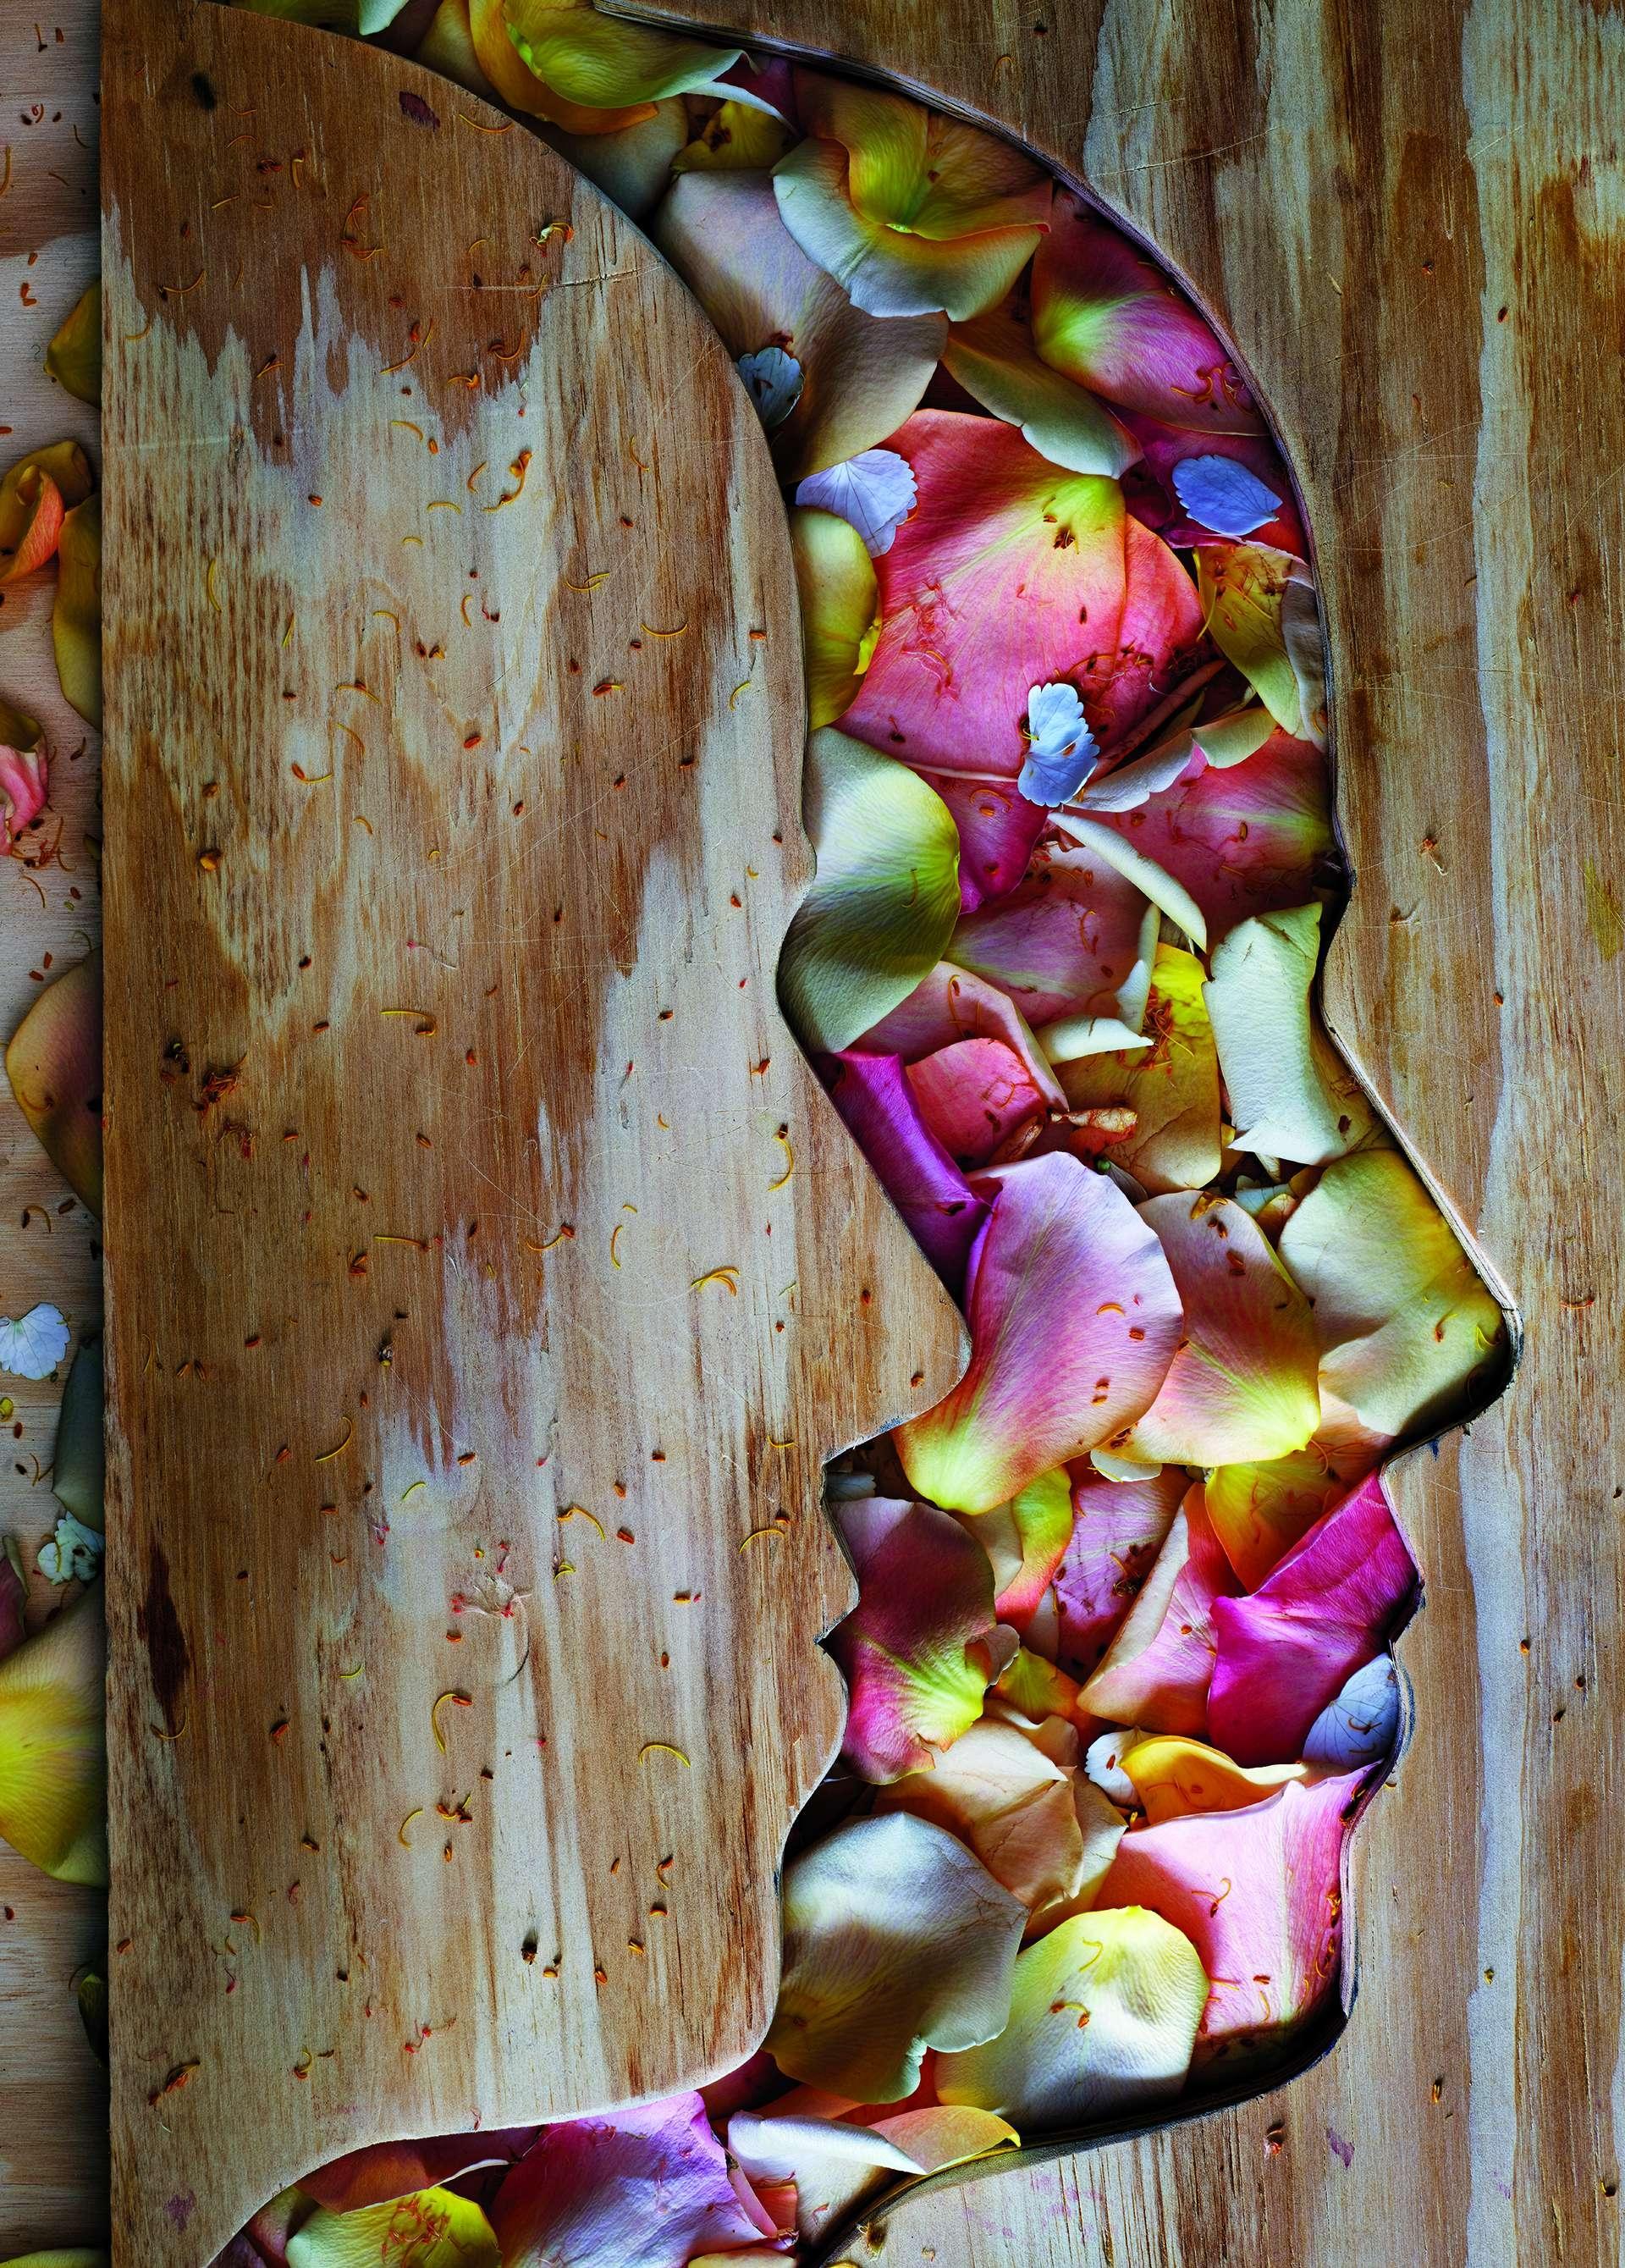 莫瑞爾以三夾板和玫瑰花瓣,創作了女兒蘿拉的側臉。攝影:阿貝拉多.莫瑞爾